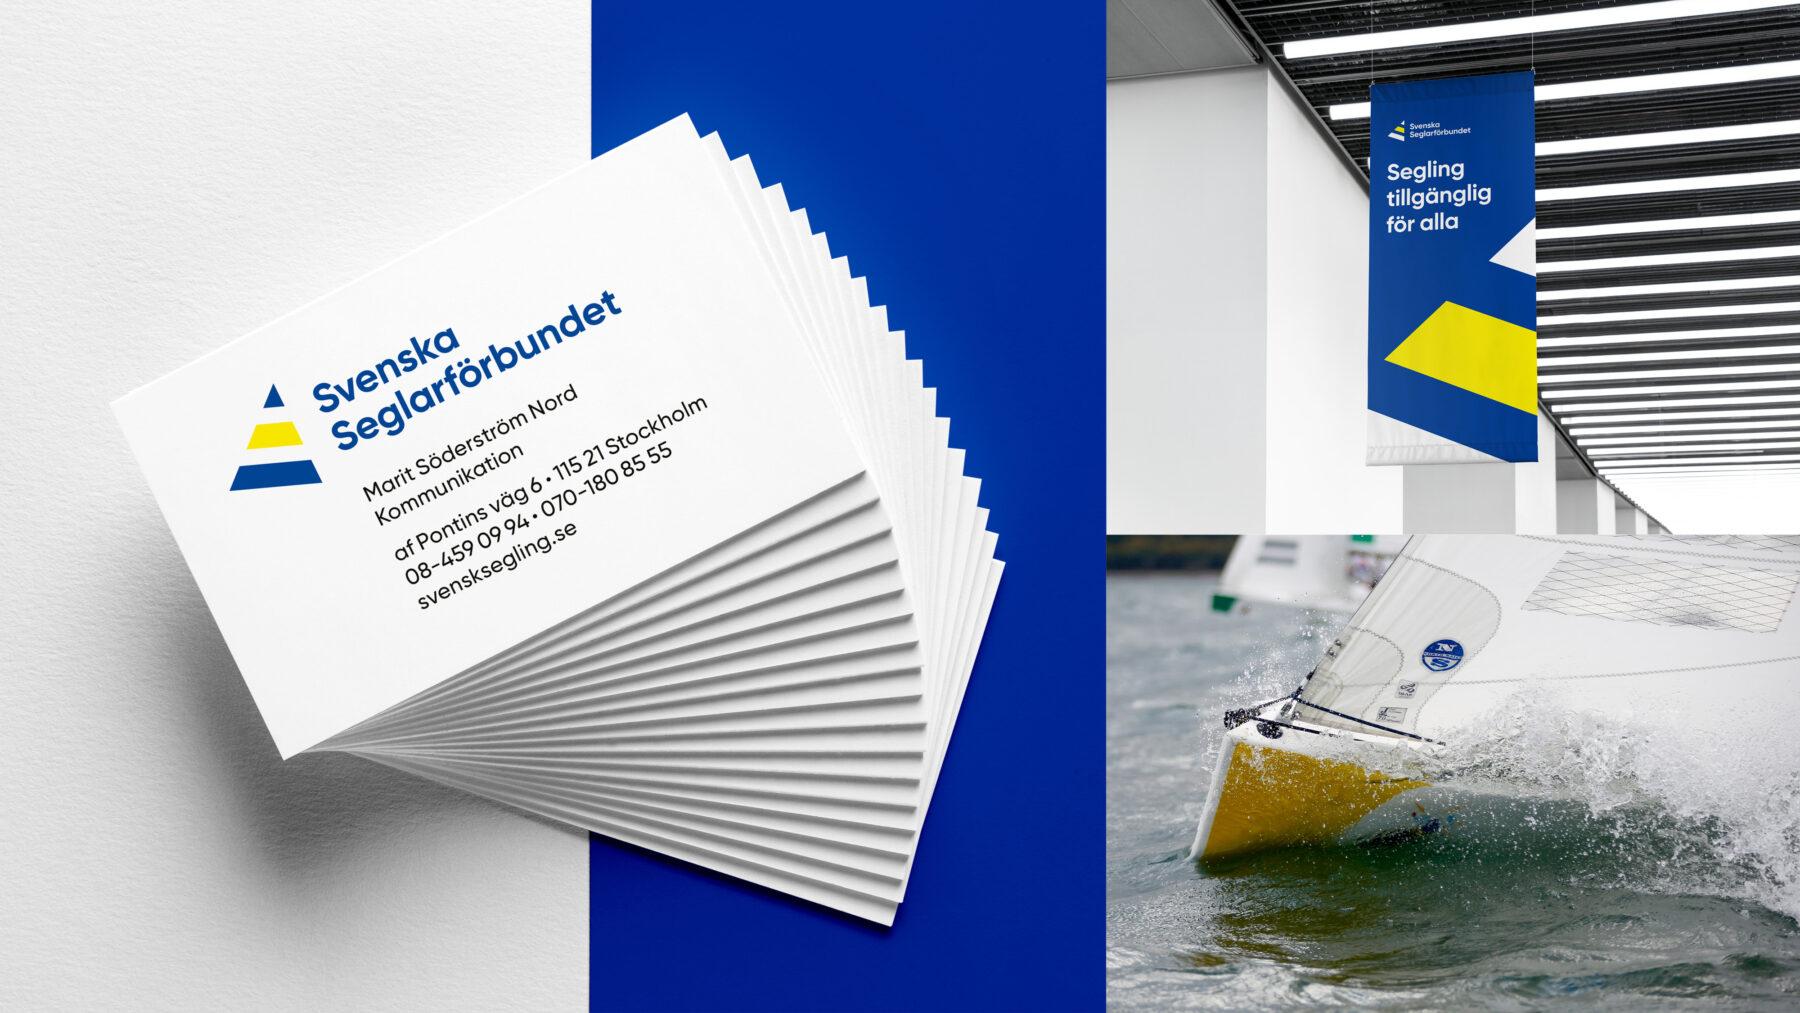 Seglarförbundet visitkort och vepa